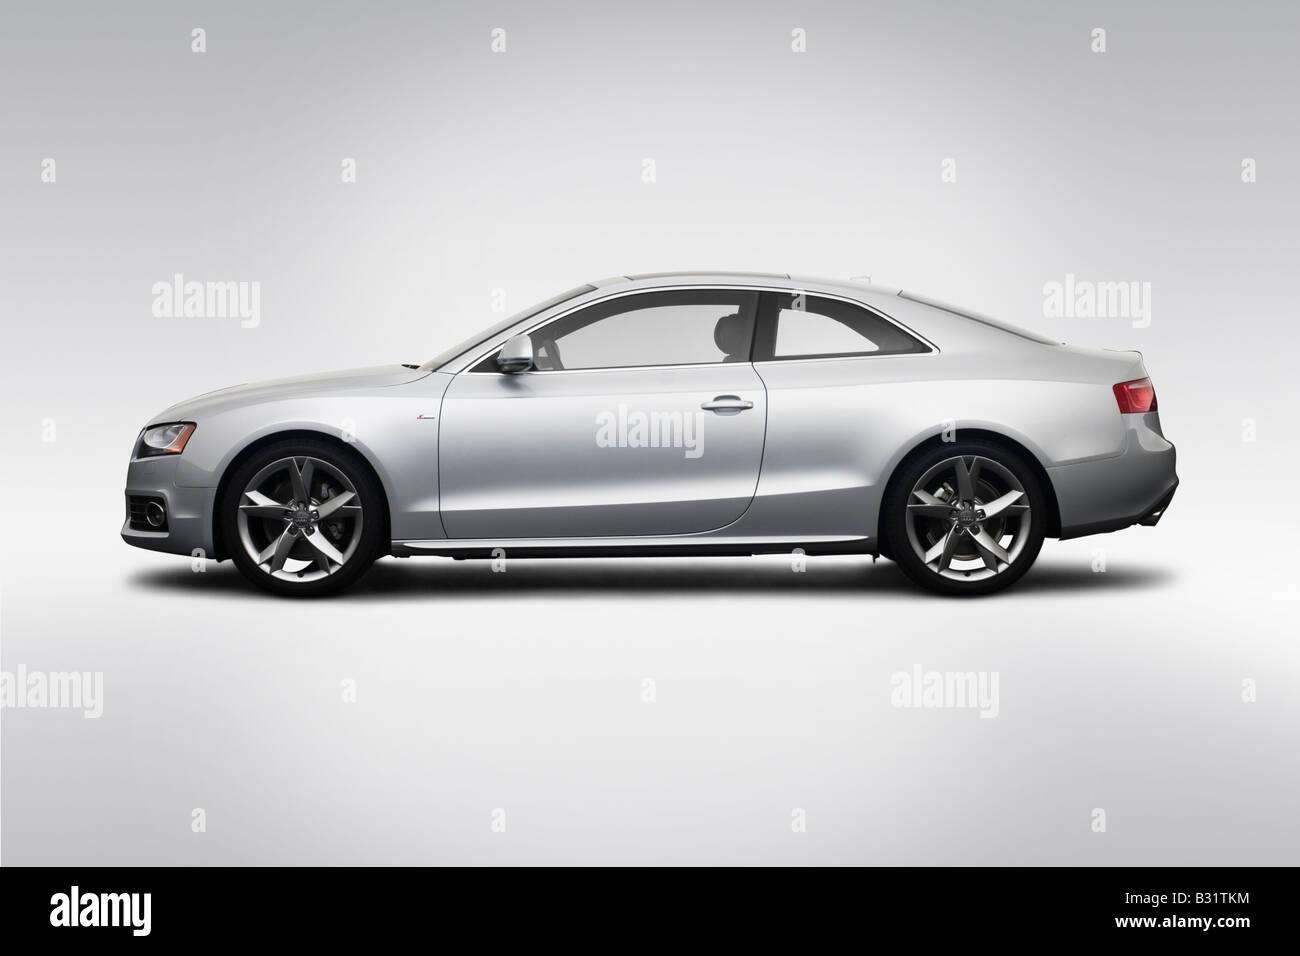 Kelebihan Kekurangan Audi A5 2008 Spesifikasi